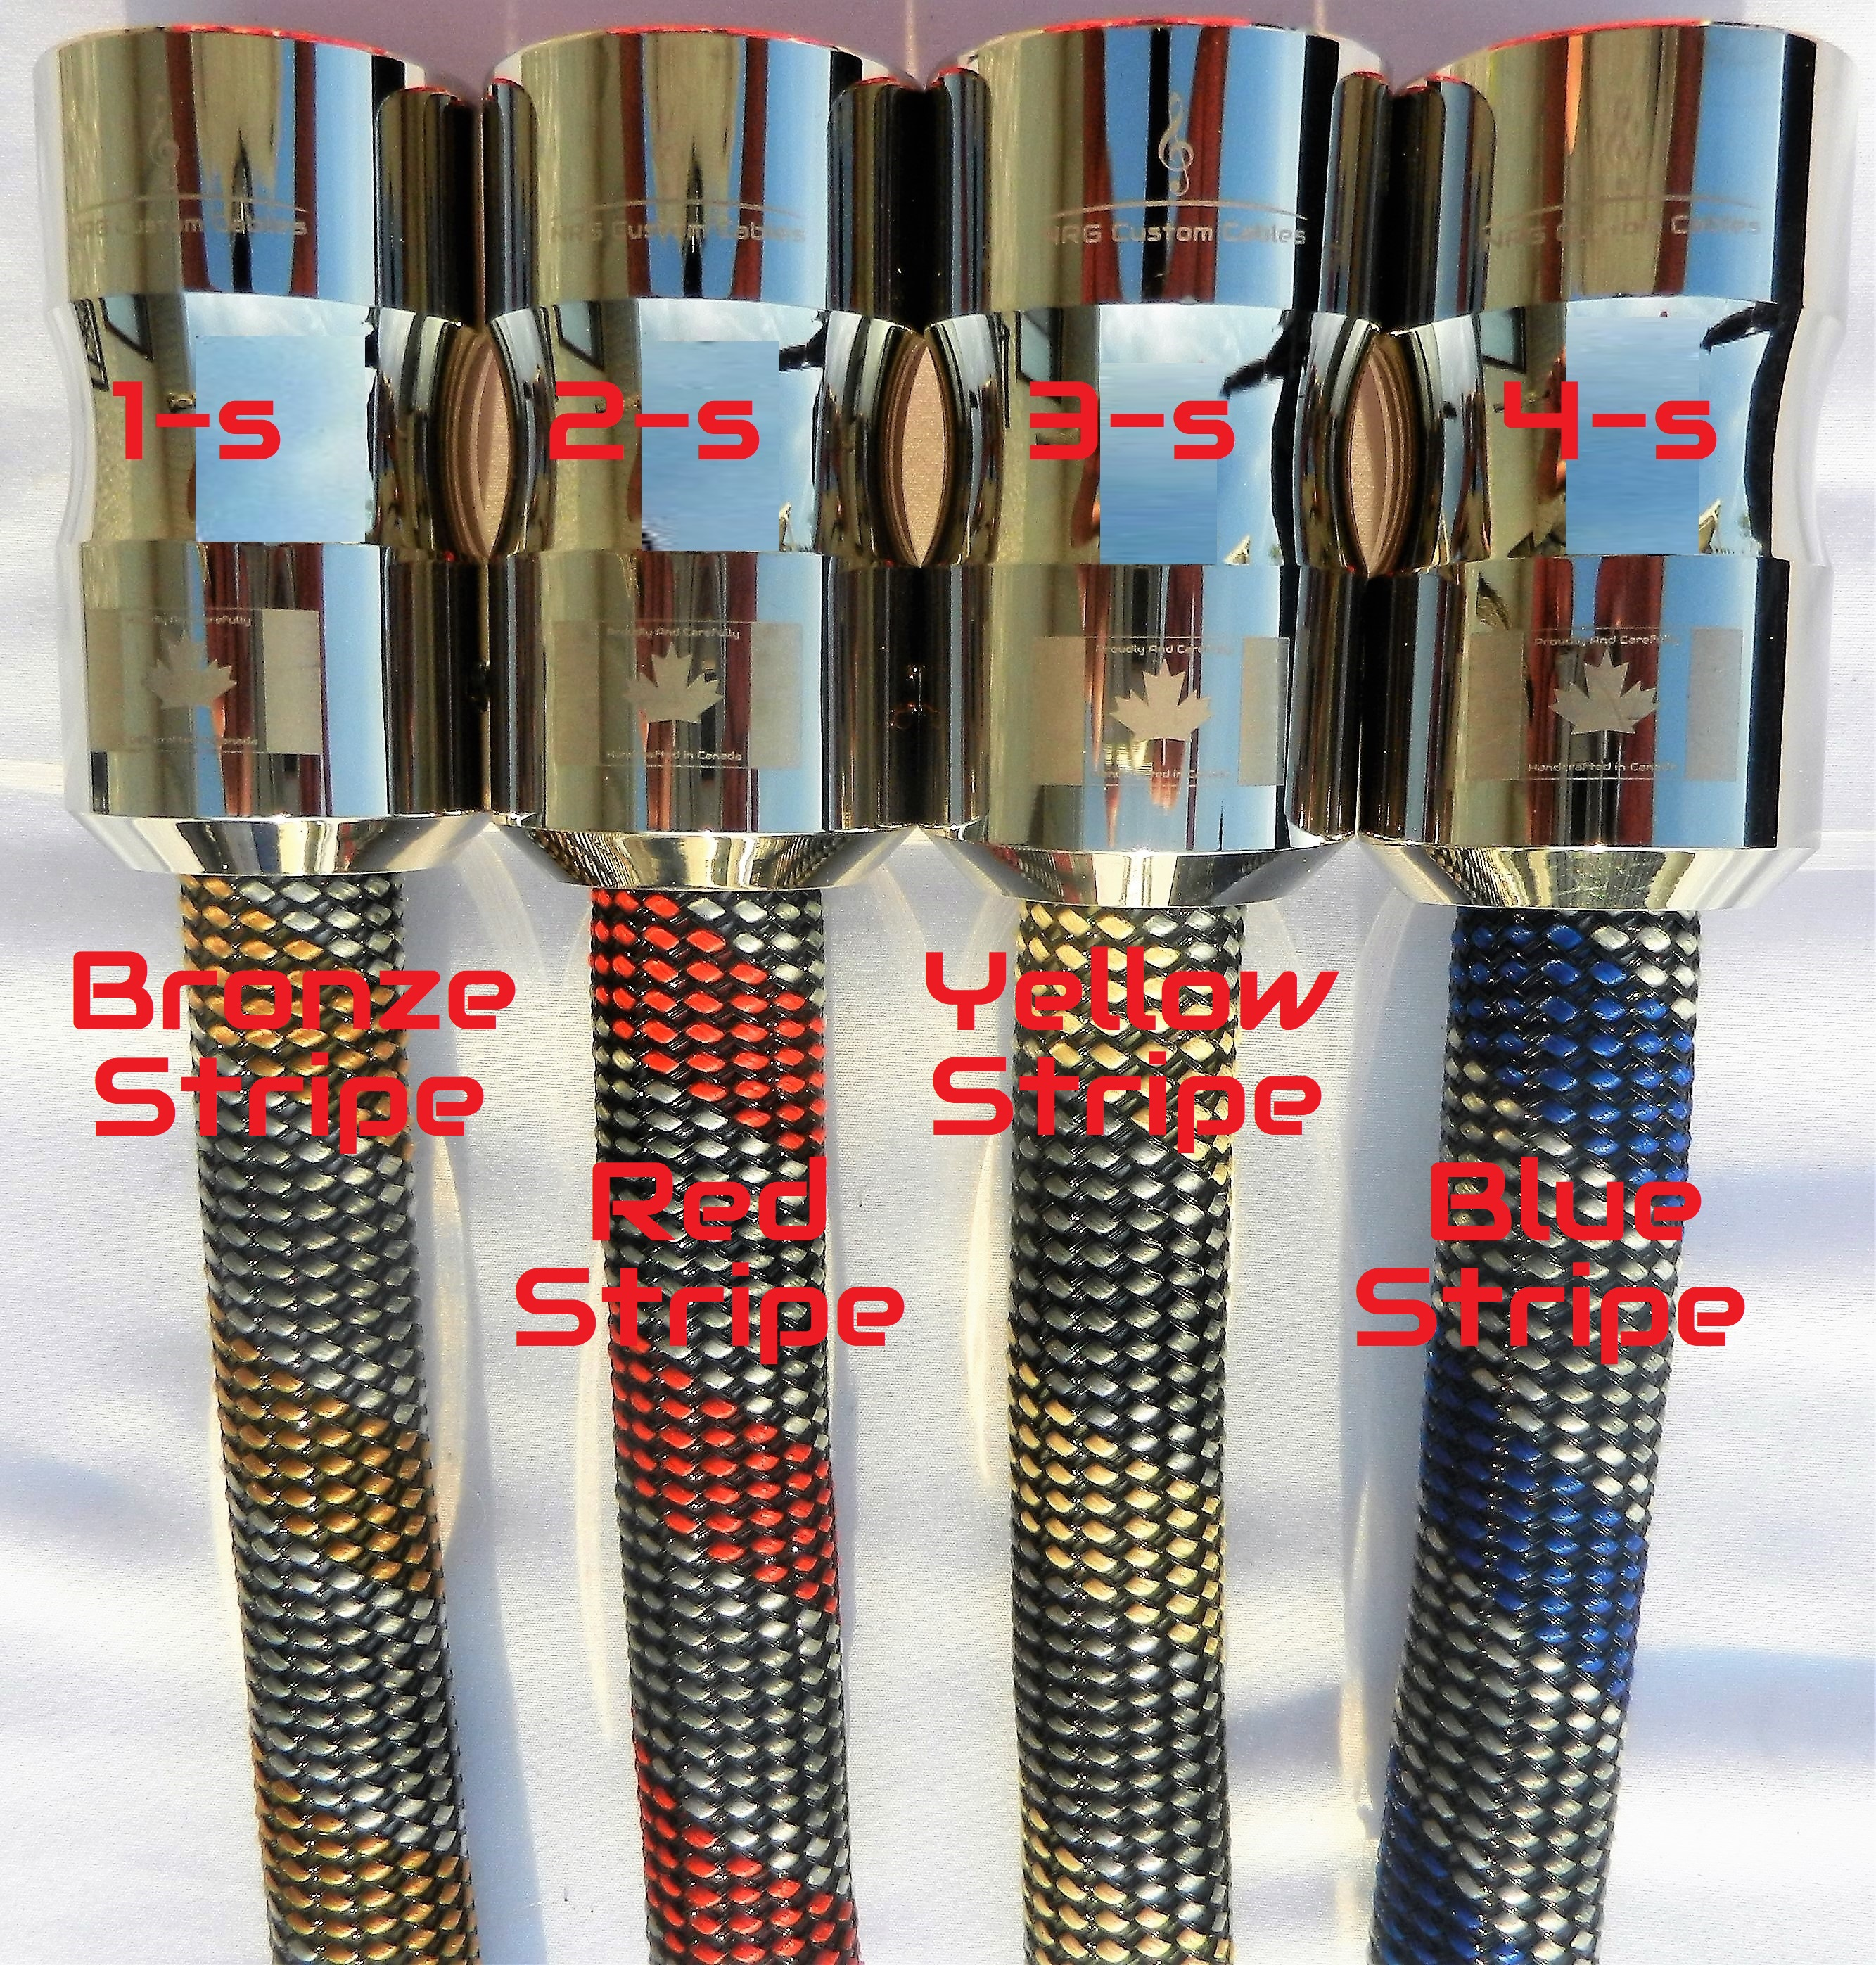 NRG Custom Cables - CS and speaker sleev